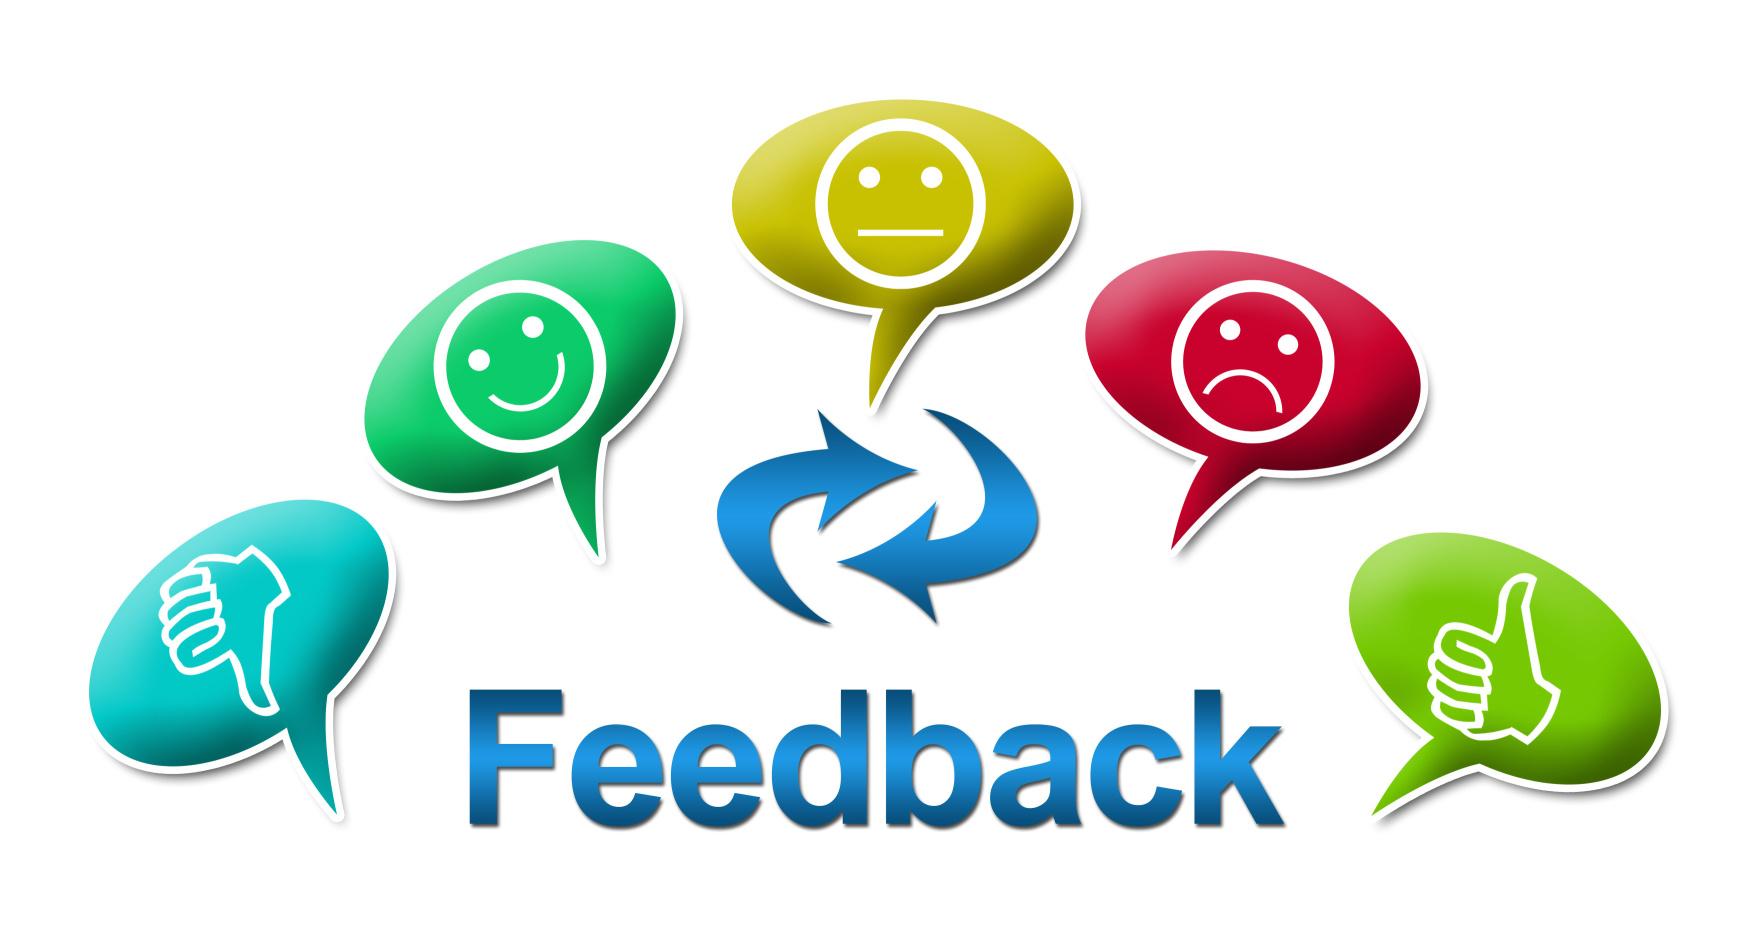 Biết tận dụng phản hồi của khách hàng là cả một nghệ thuật